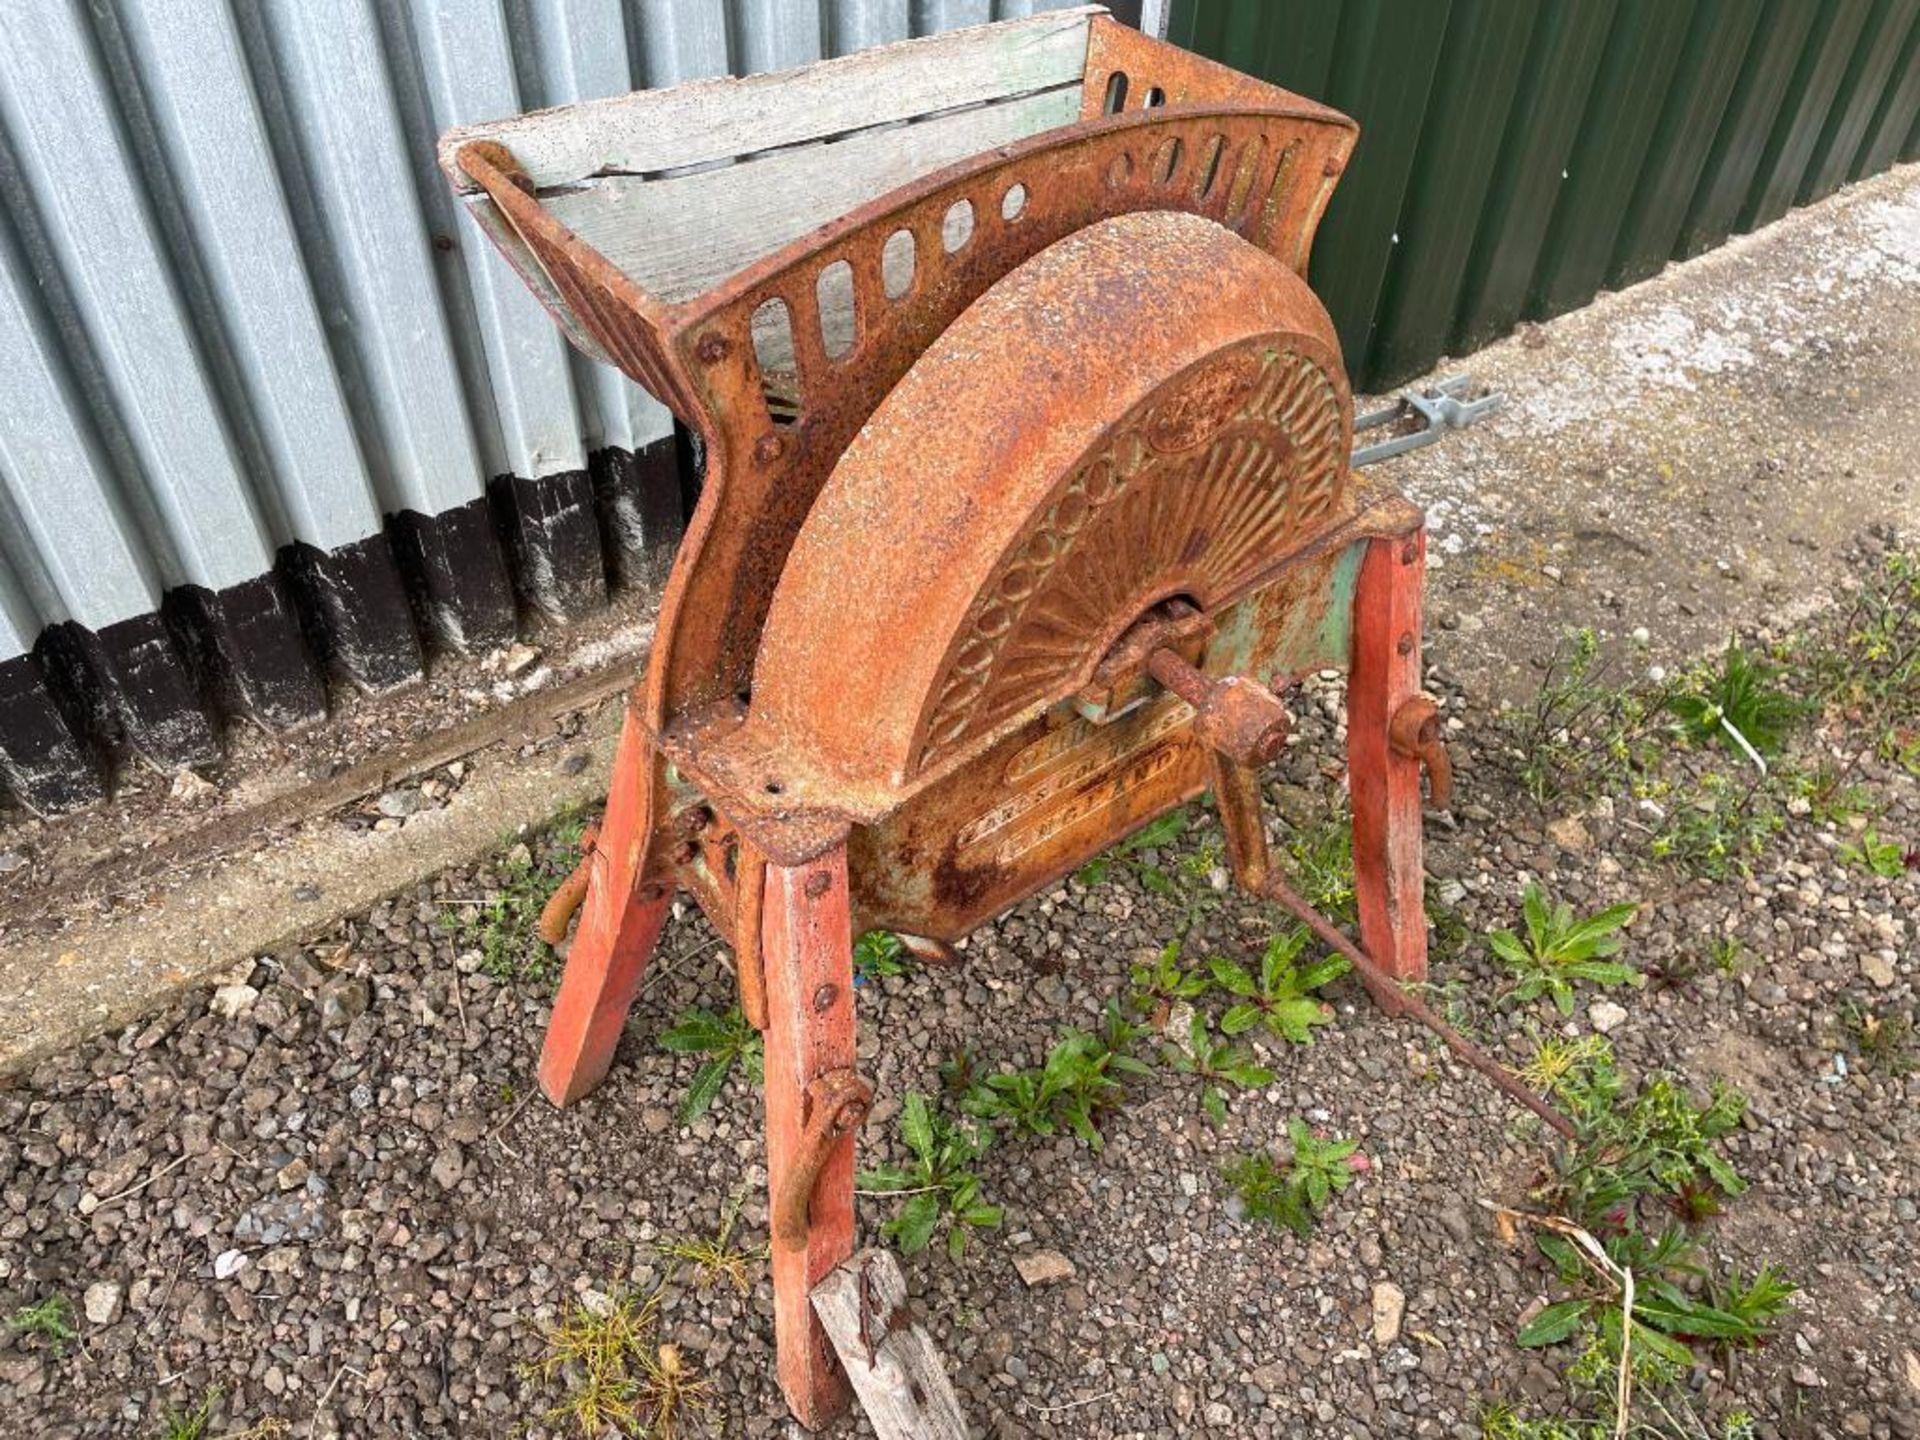 Hunt & Co vintage root cutter